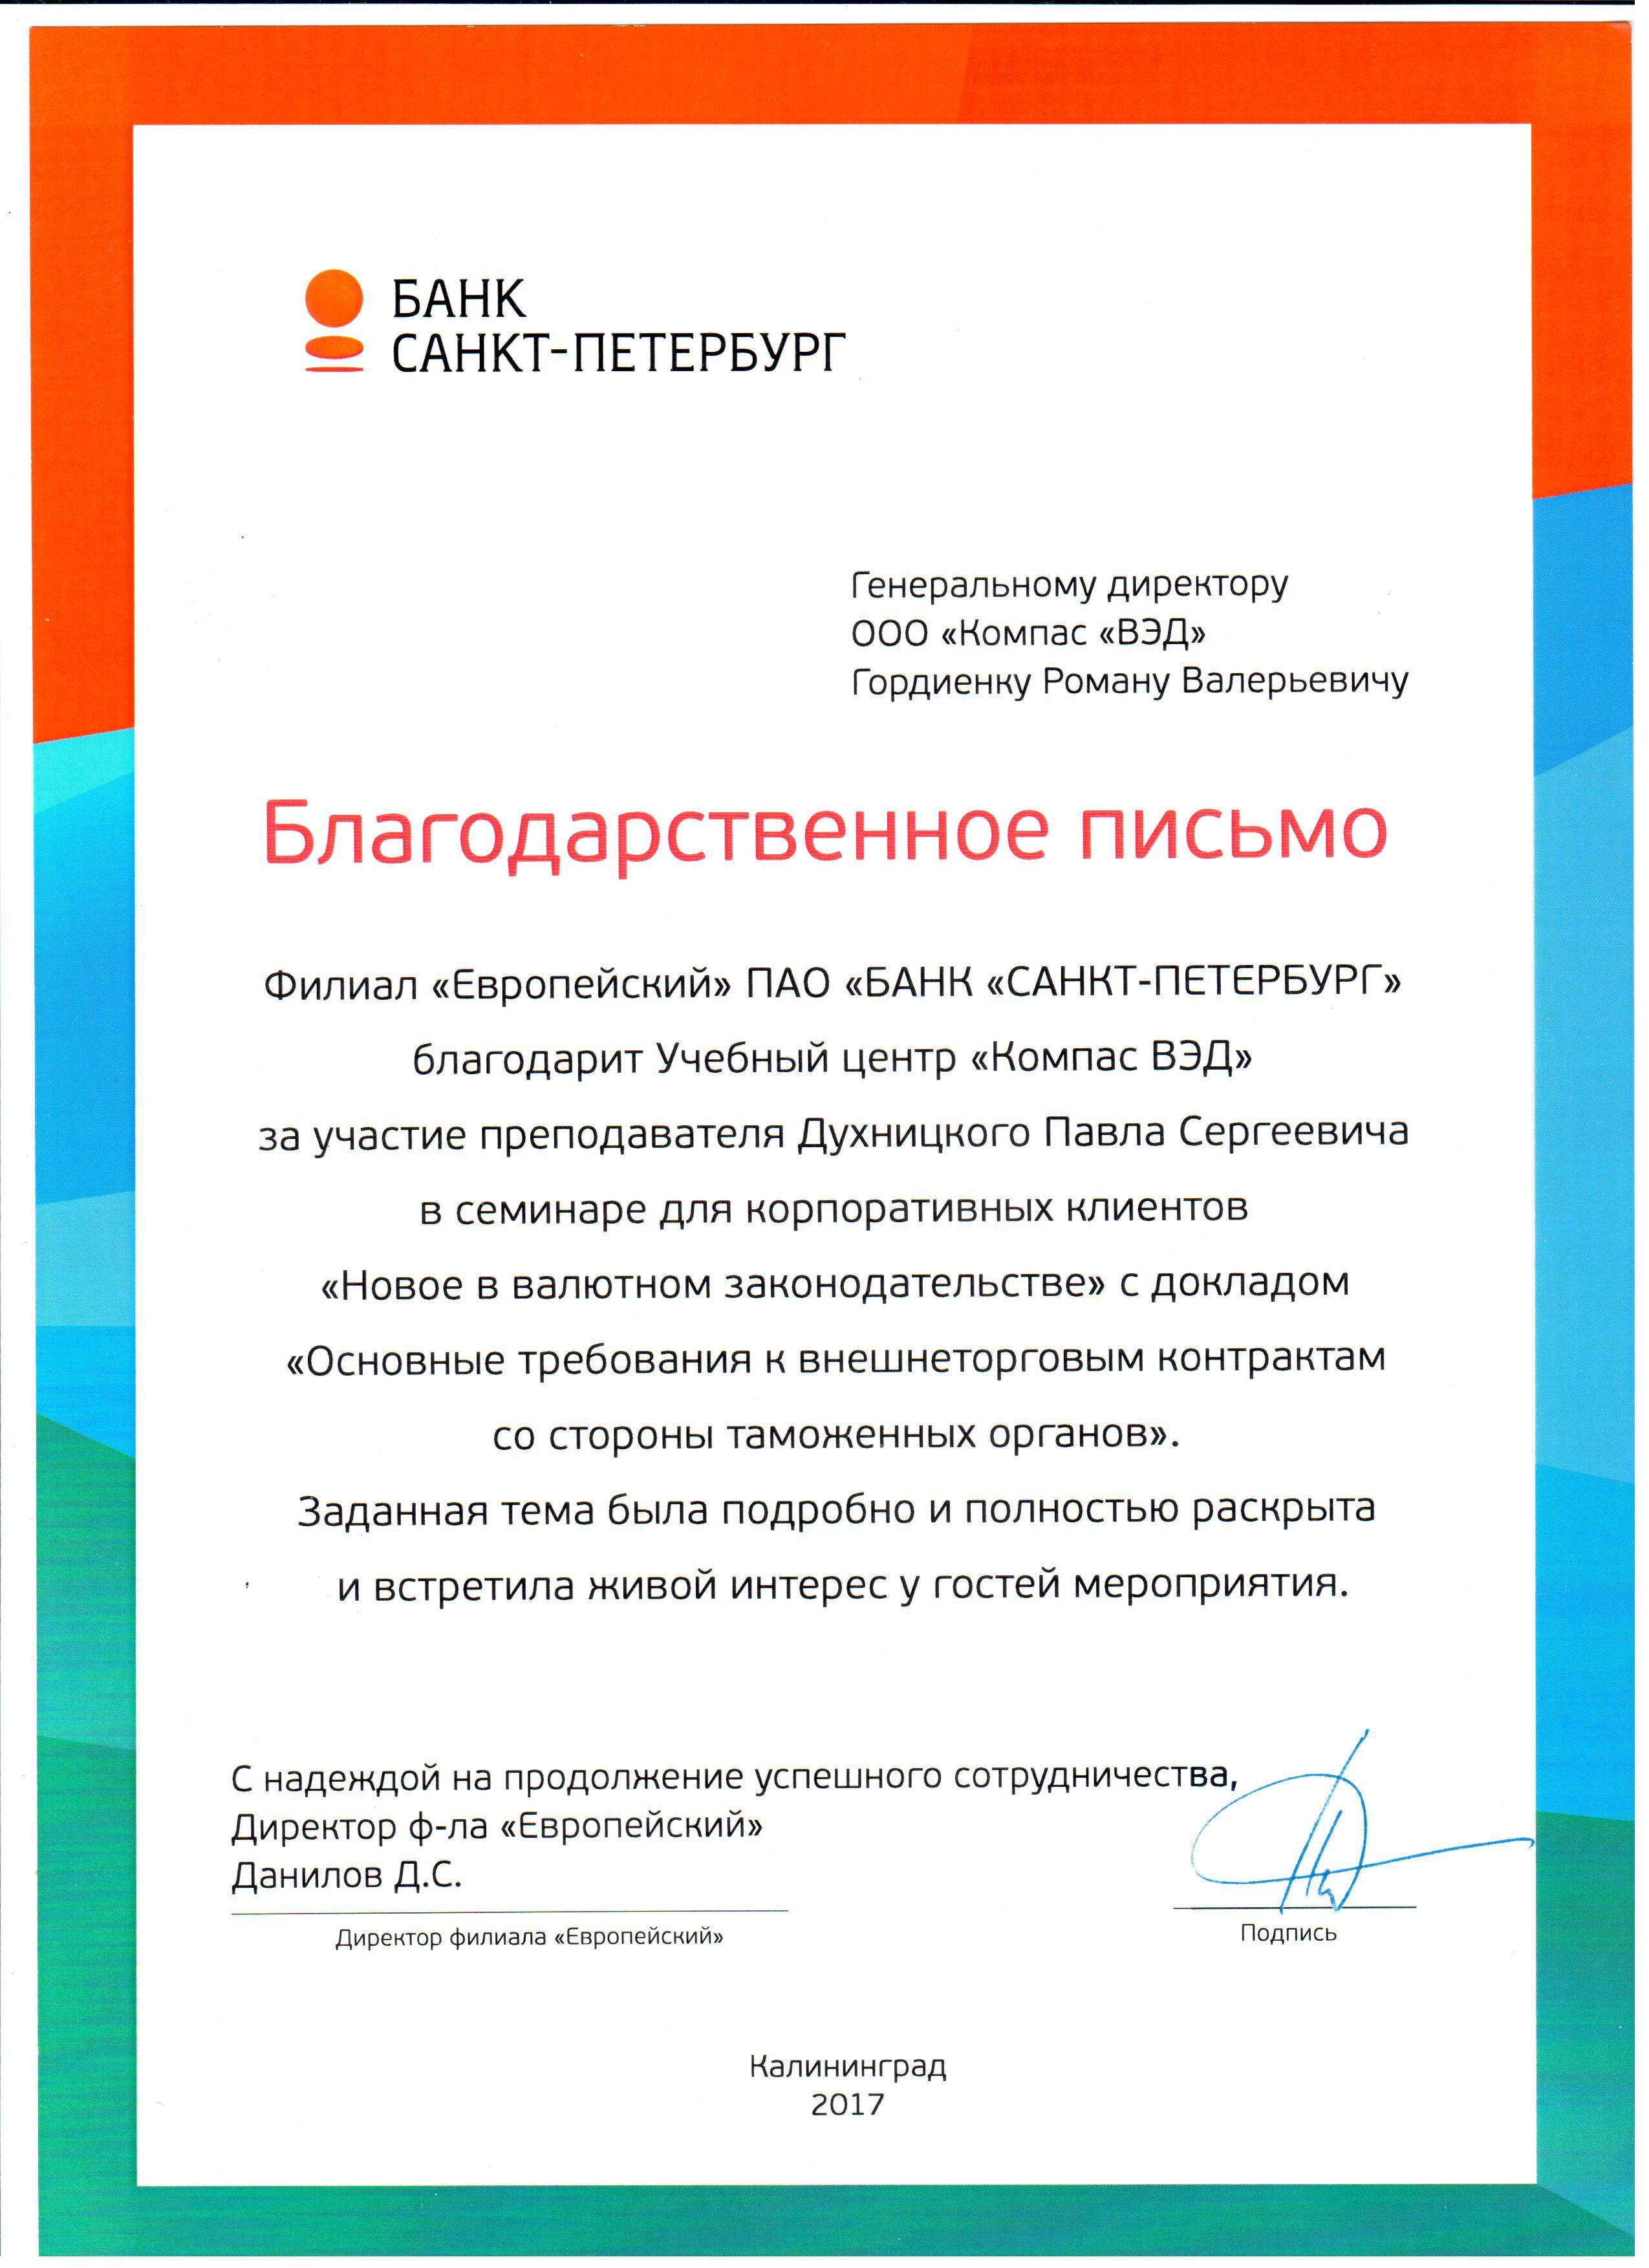 Сертификат Духницкий